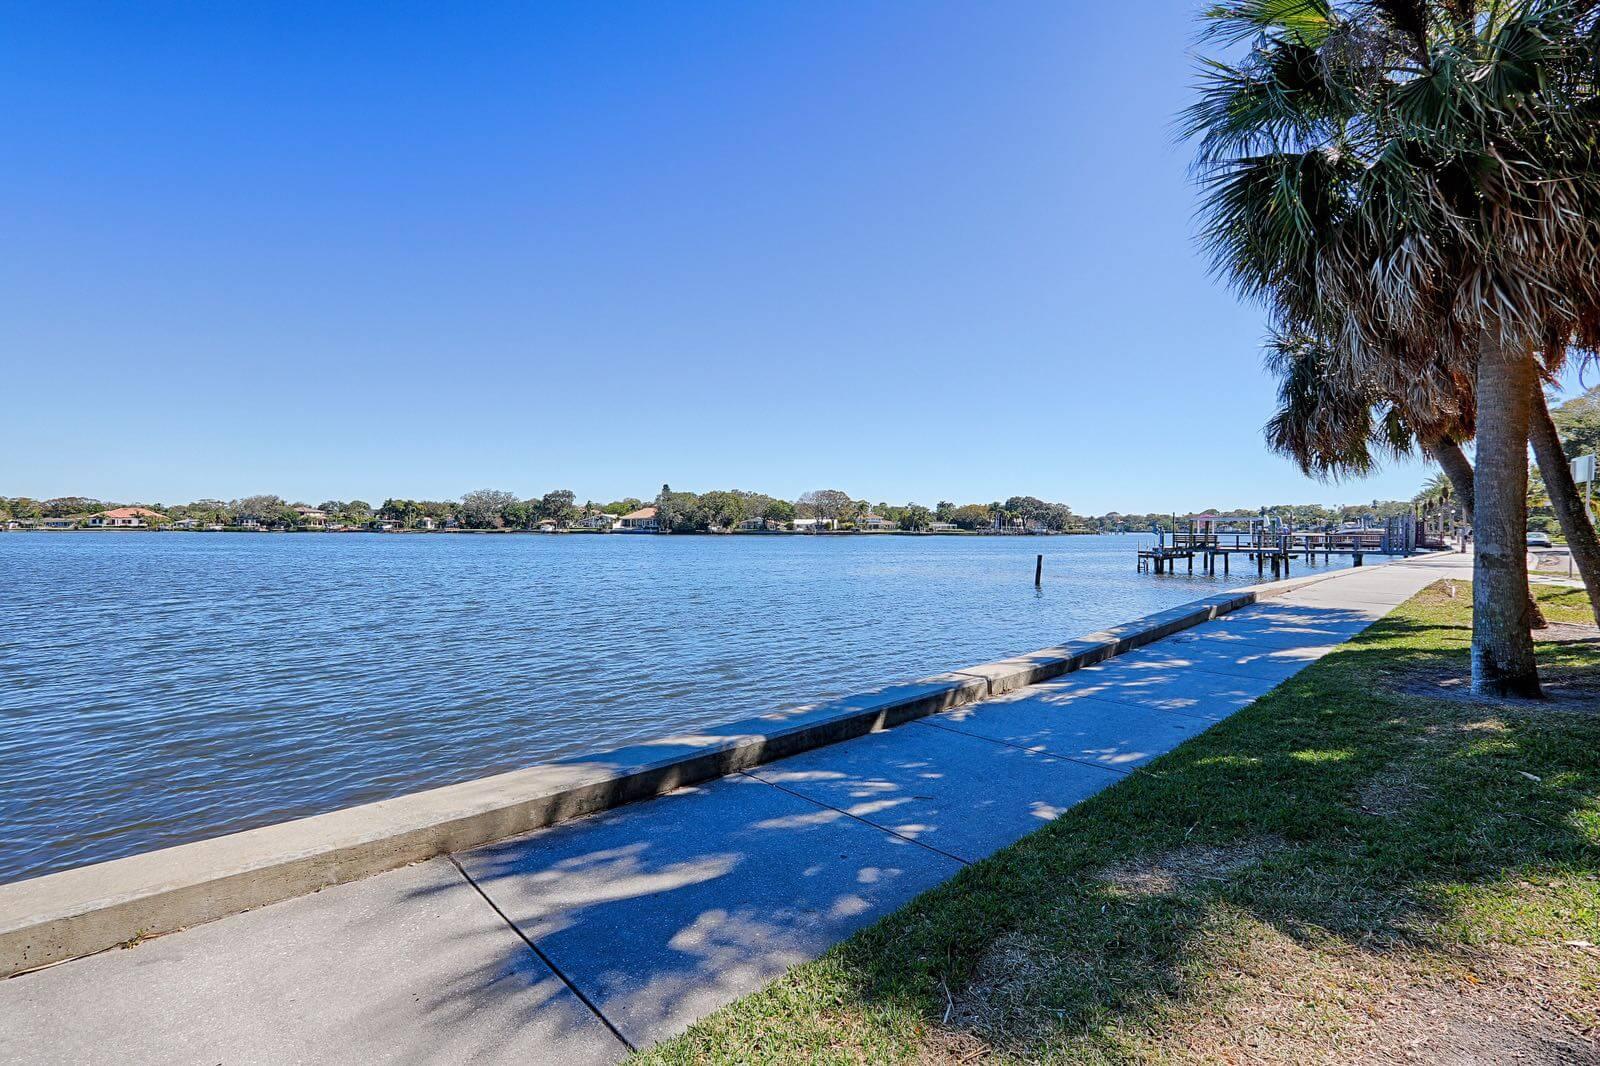 Real Estate Florida - Remida